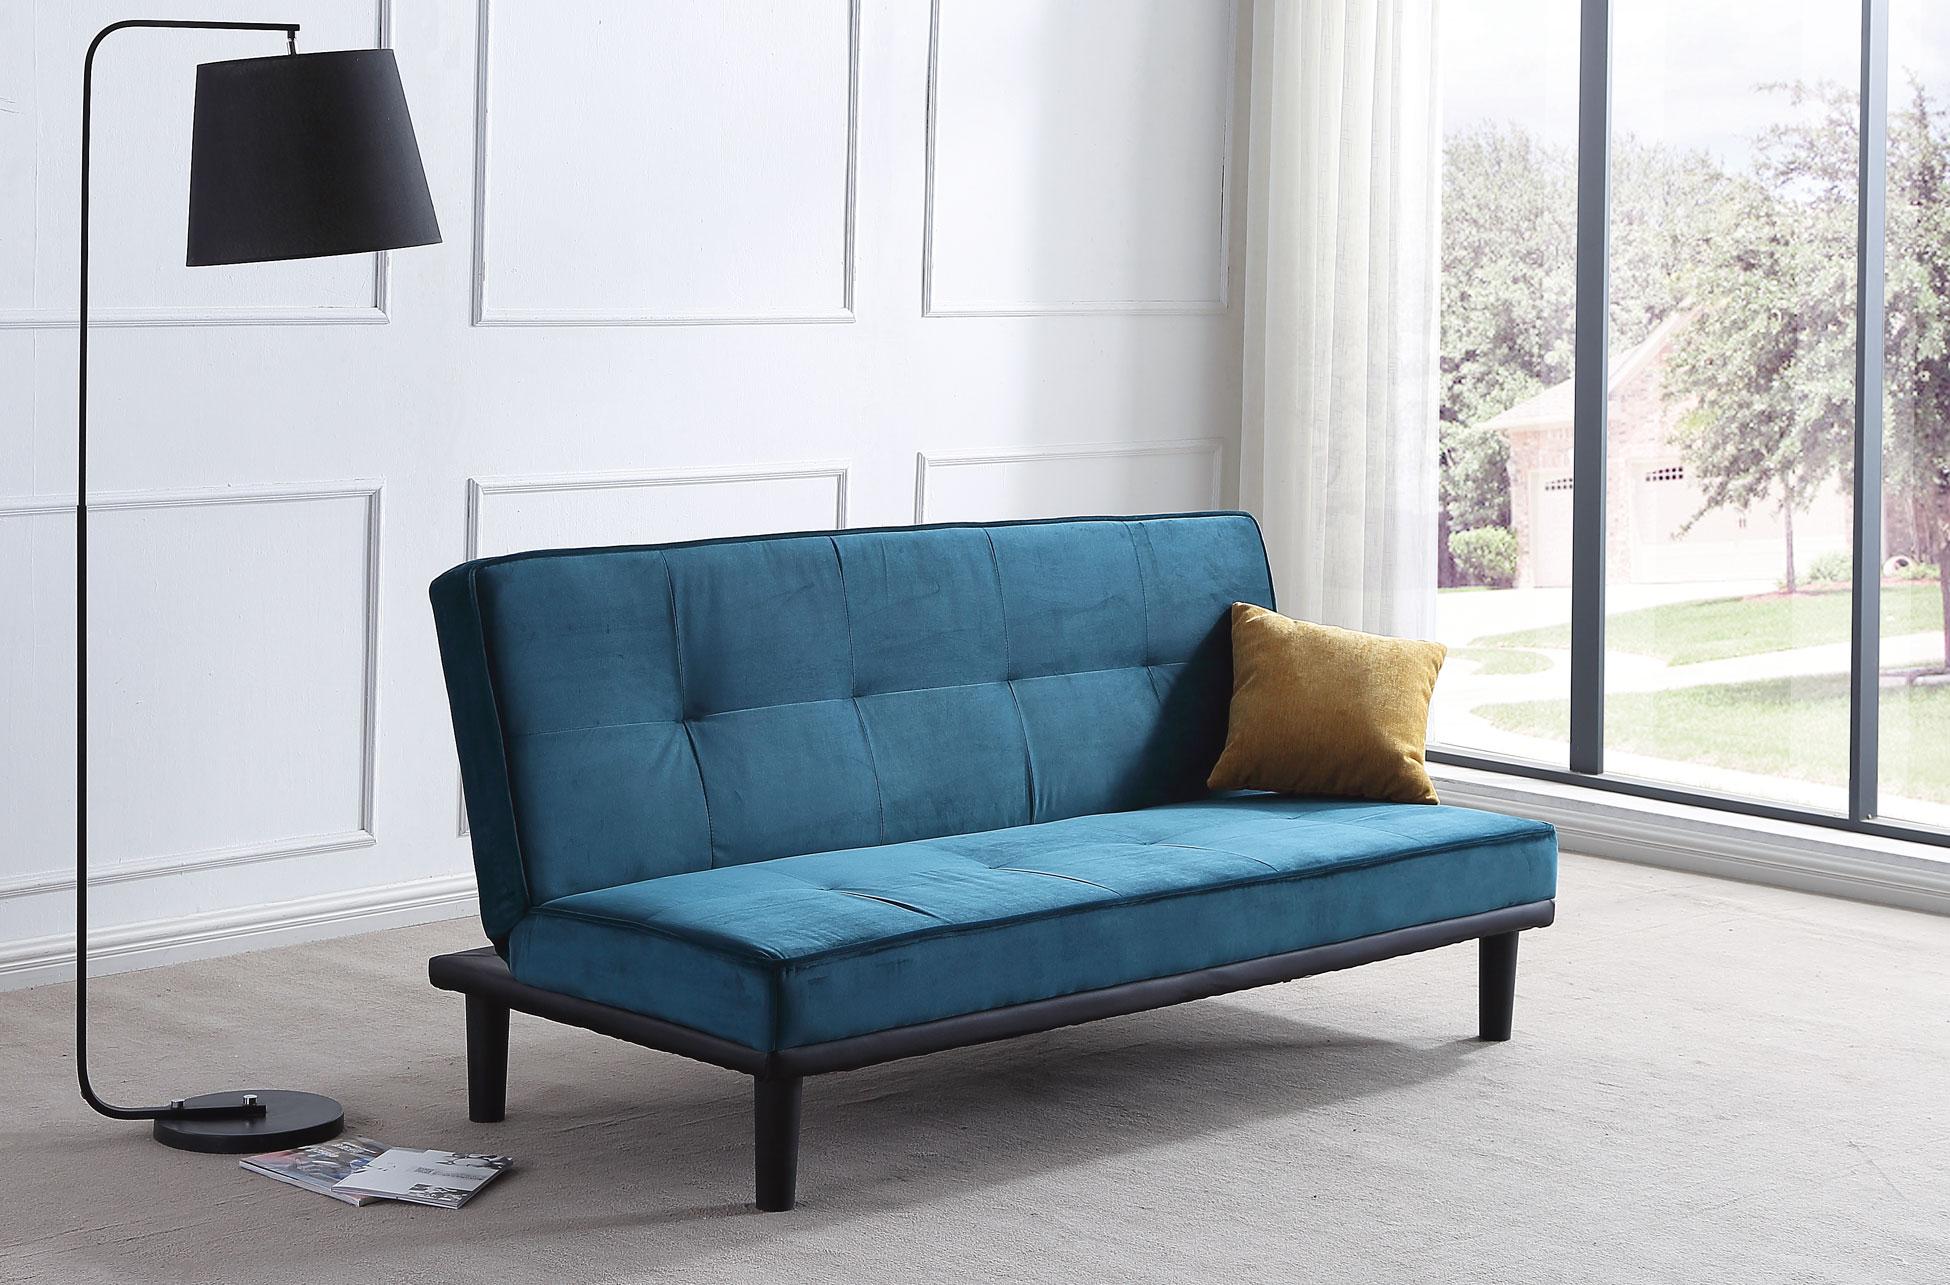 Sofá cama barato modelo Ankara, por Noryk